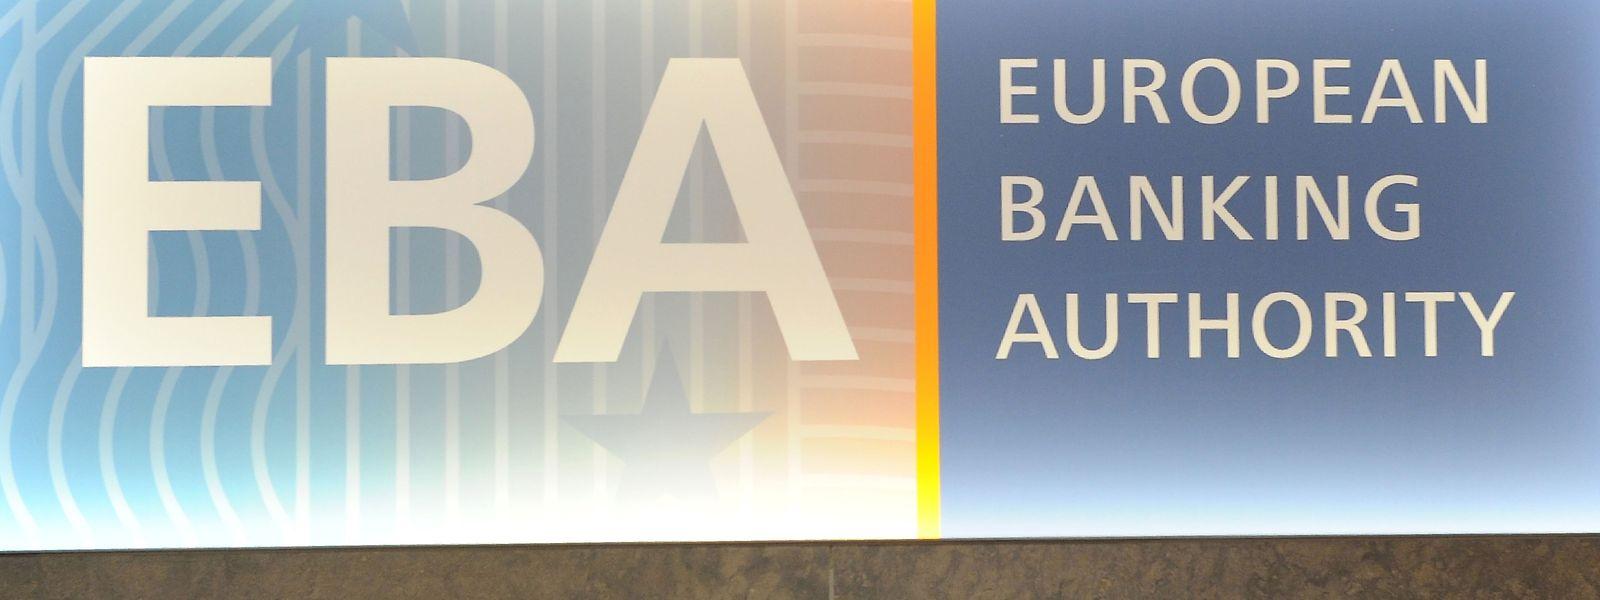 Baufirma Luxemburg luxemburg verliert rennen um eu bankenaufsichtsbehörde die chancen